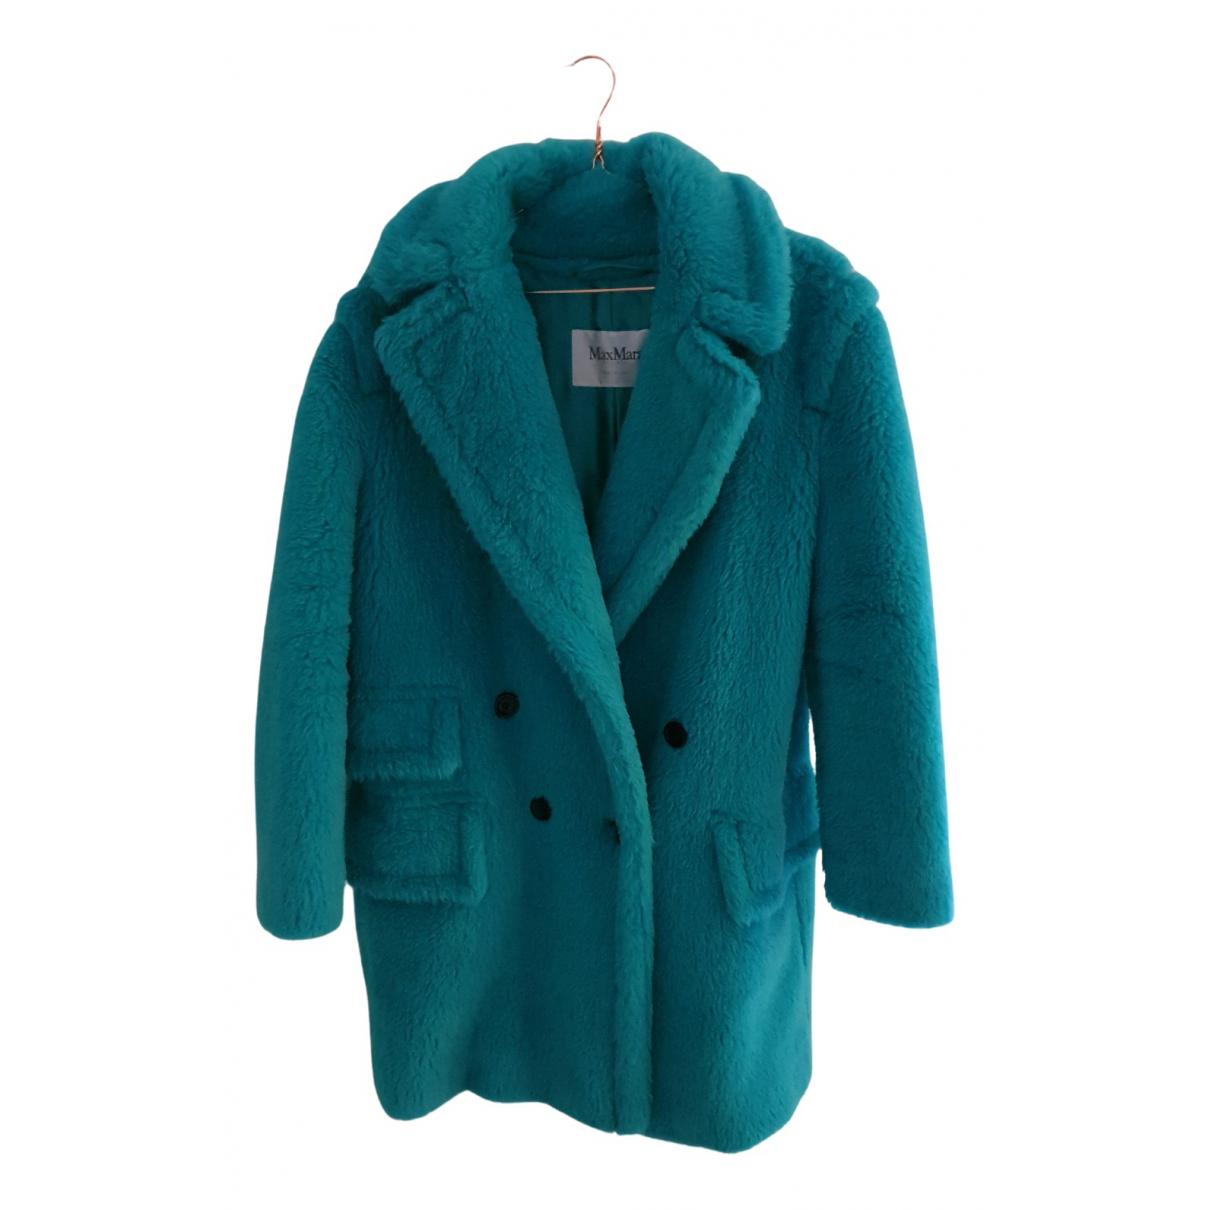 Max Mara - Manteau Teddy Bear Icon pour femme en fourrure - turquoise